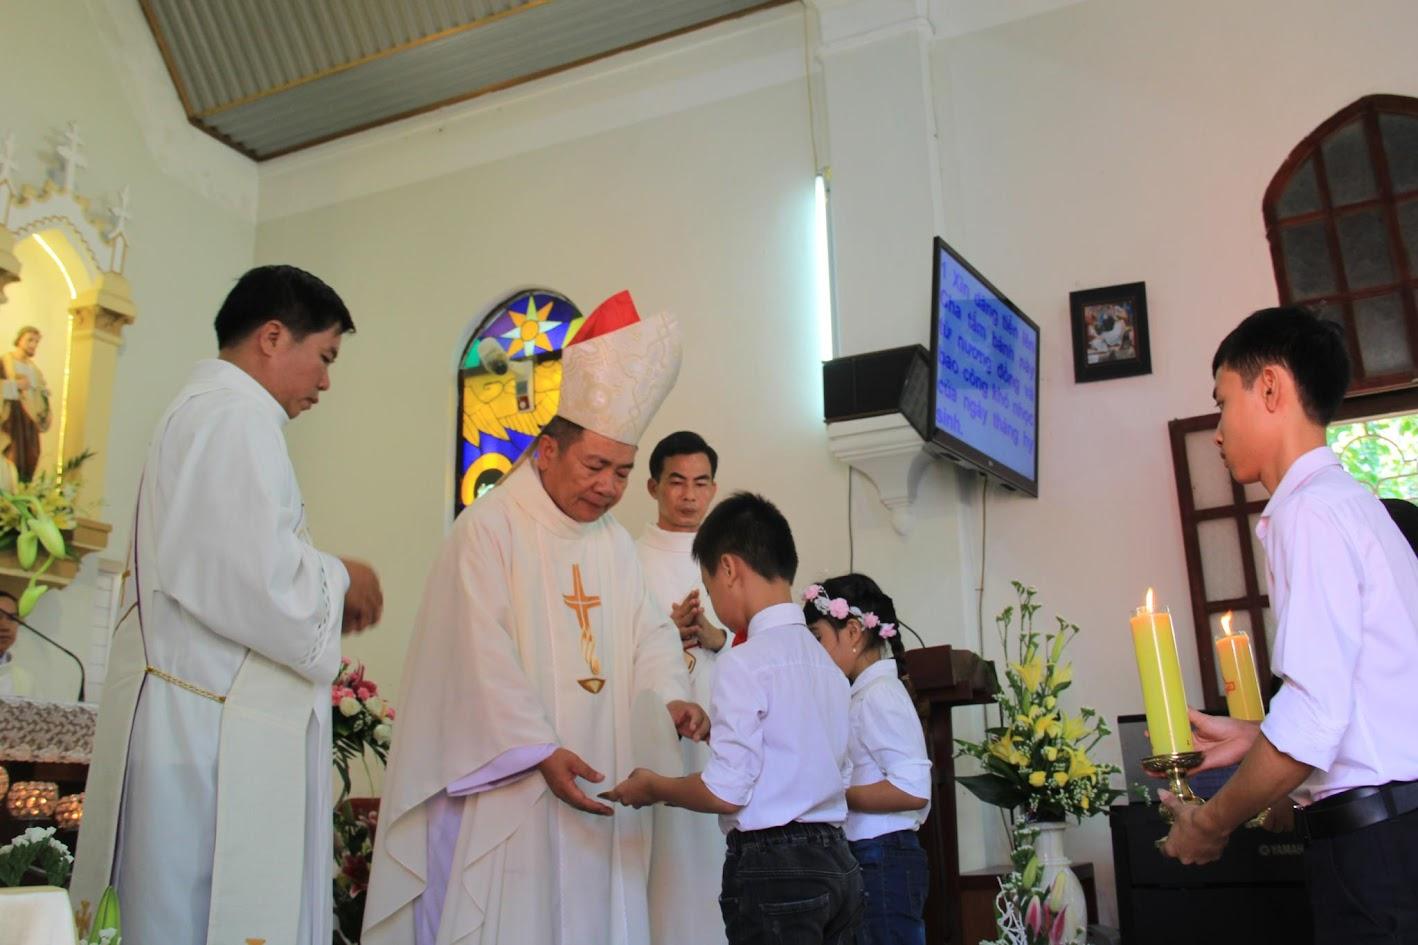 Giáo xứ Ngạn Sơn: Thánh lễ Bổn mạng và Làm phép Nhà mới - Ảnh minh hoạ 16